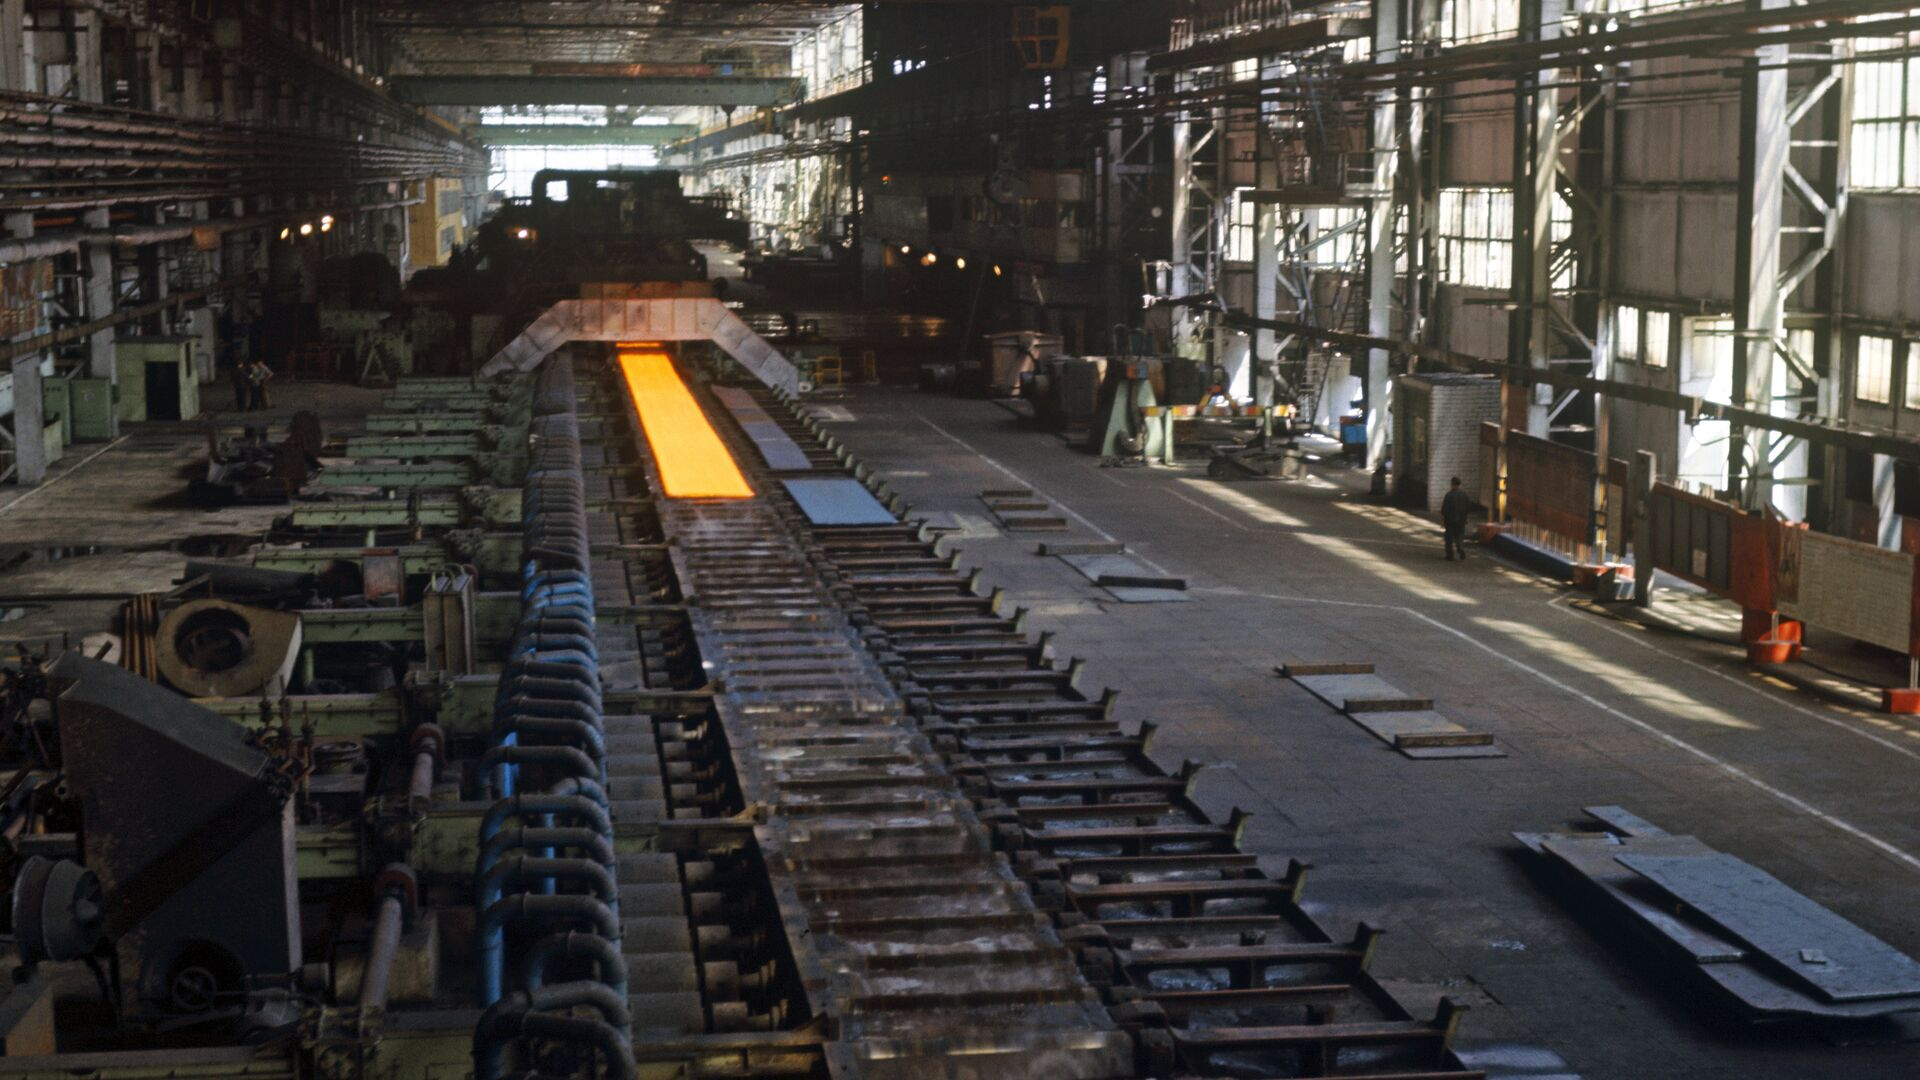 Прокат стали на металлургическом заводе - Sputnik Узбекистан, 1920, 19.09.2021